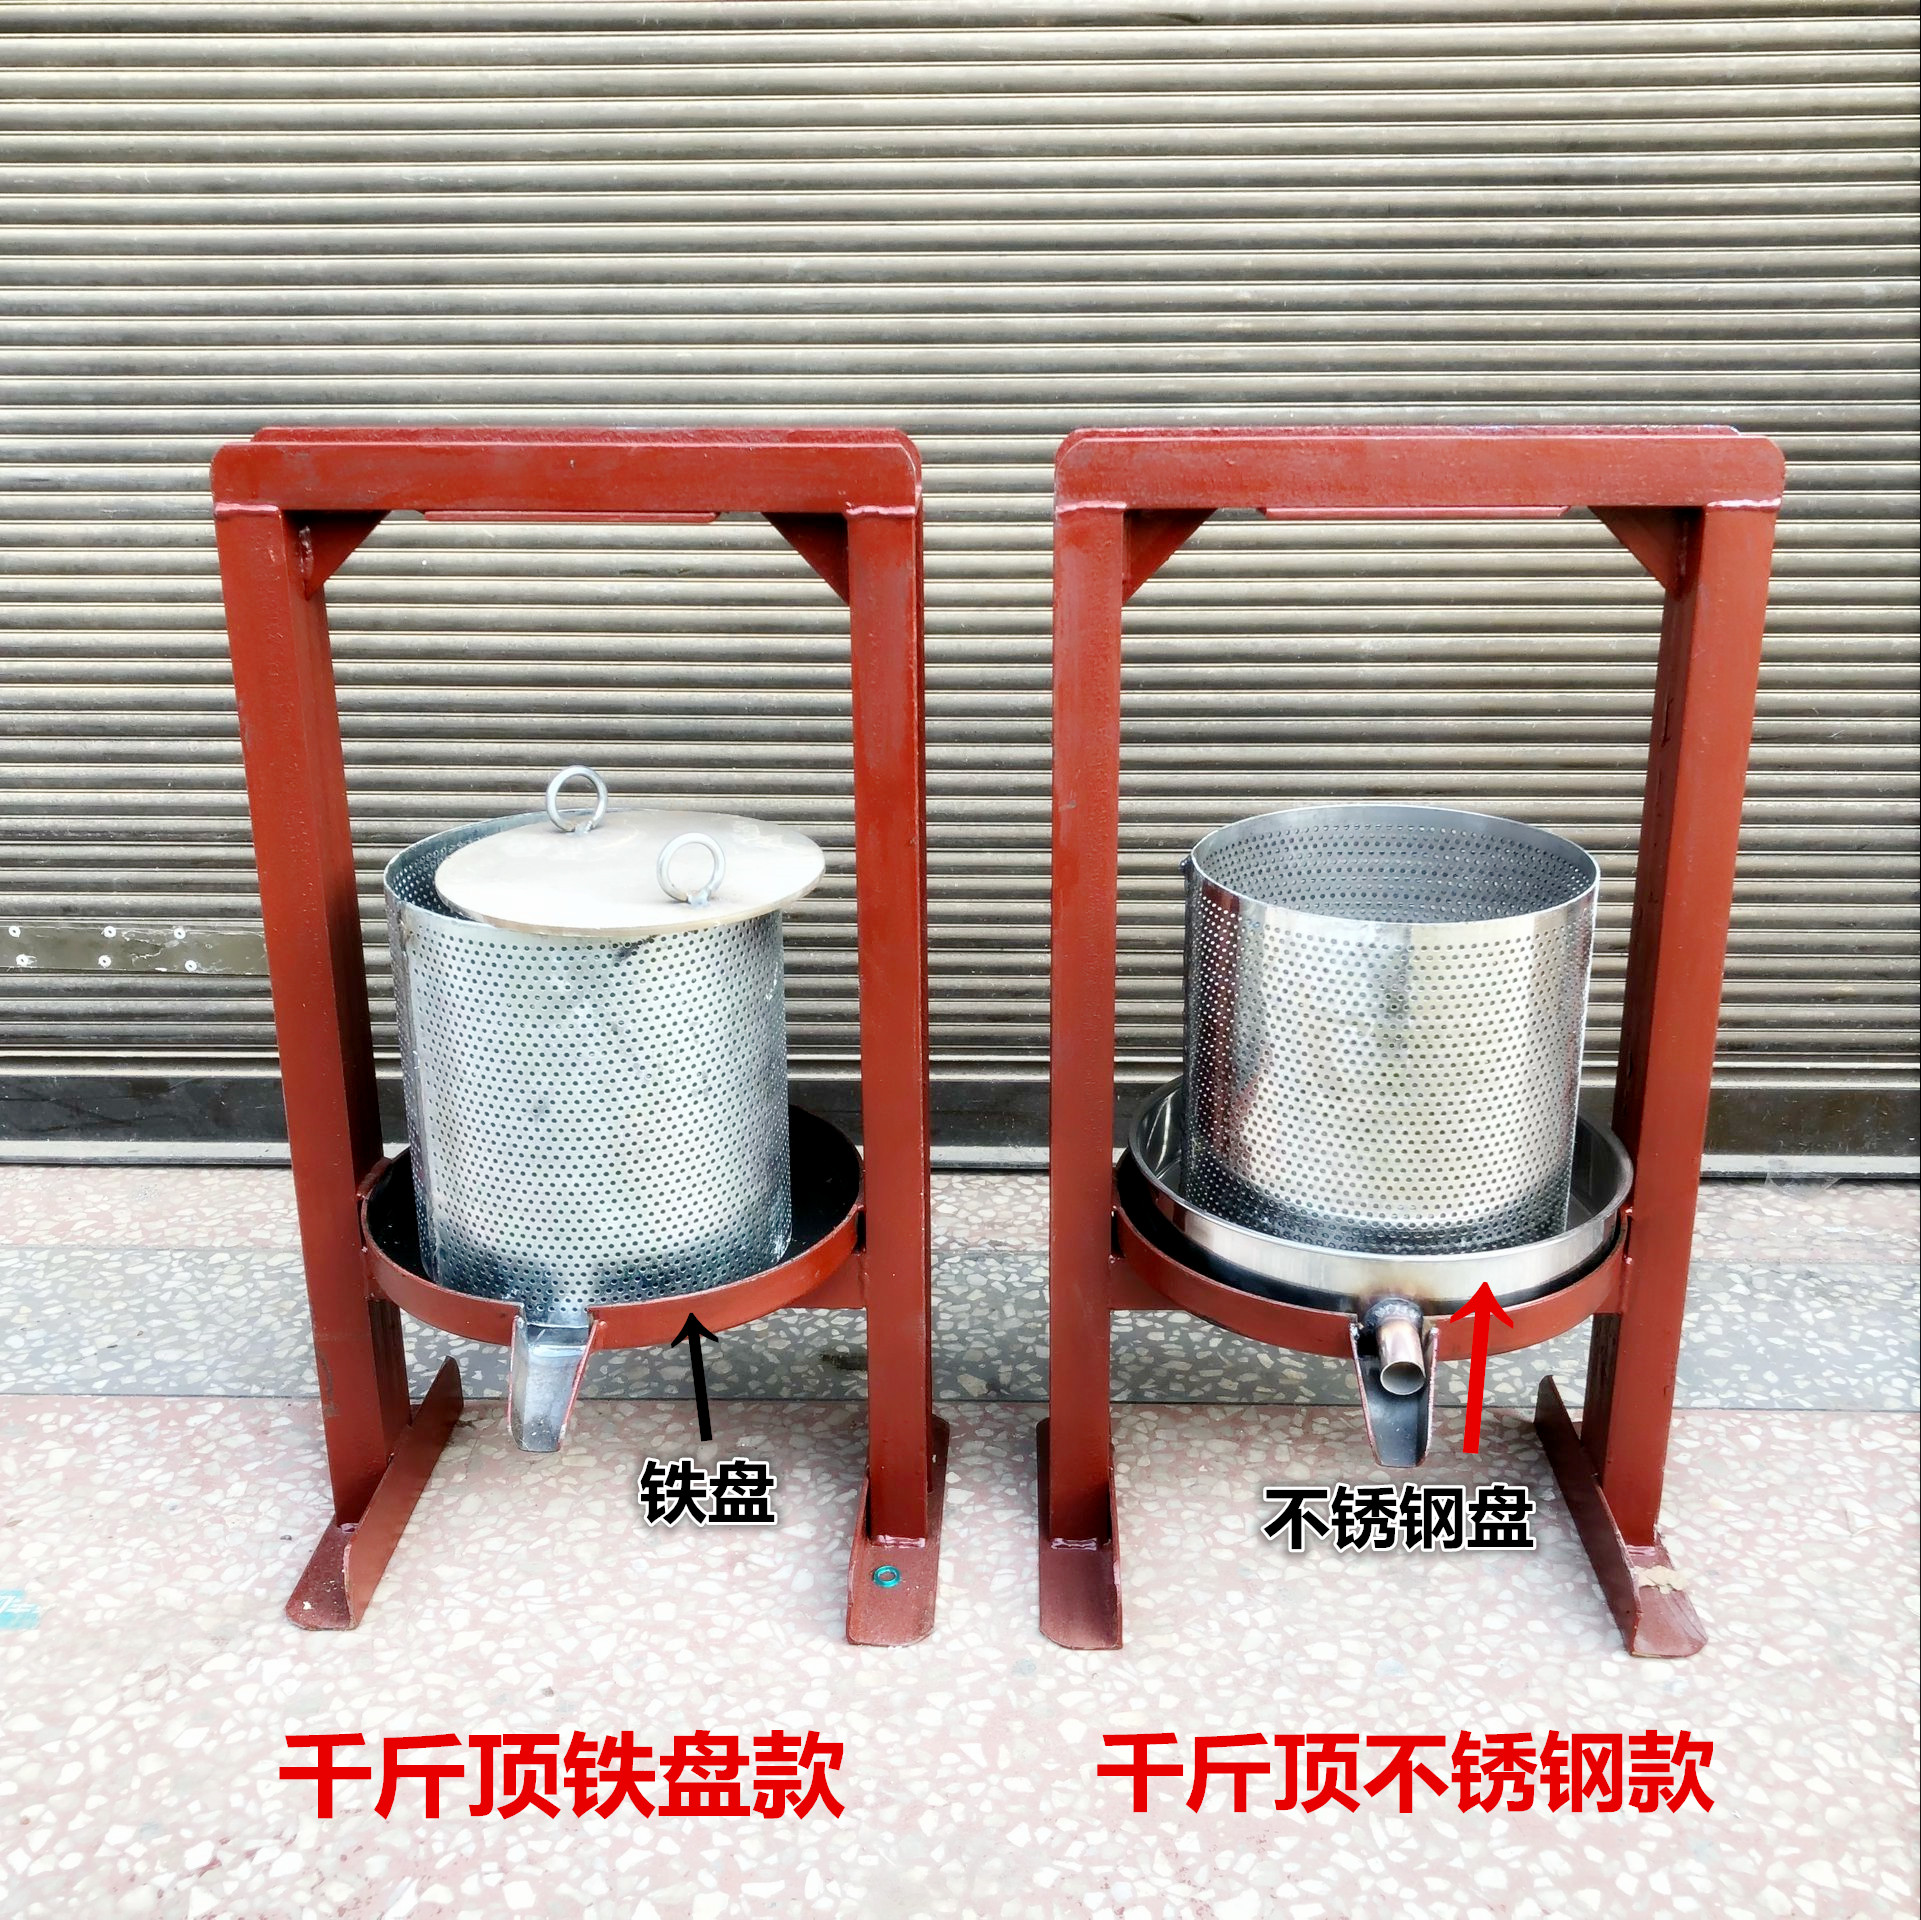 不锈钢压油机手动榨油机小型葡萄蜂蜜水果猪油渣压饼机压榨机家用